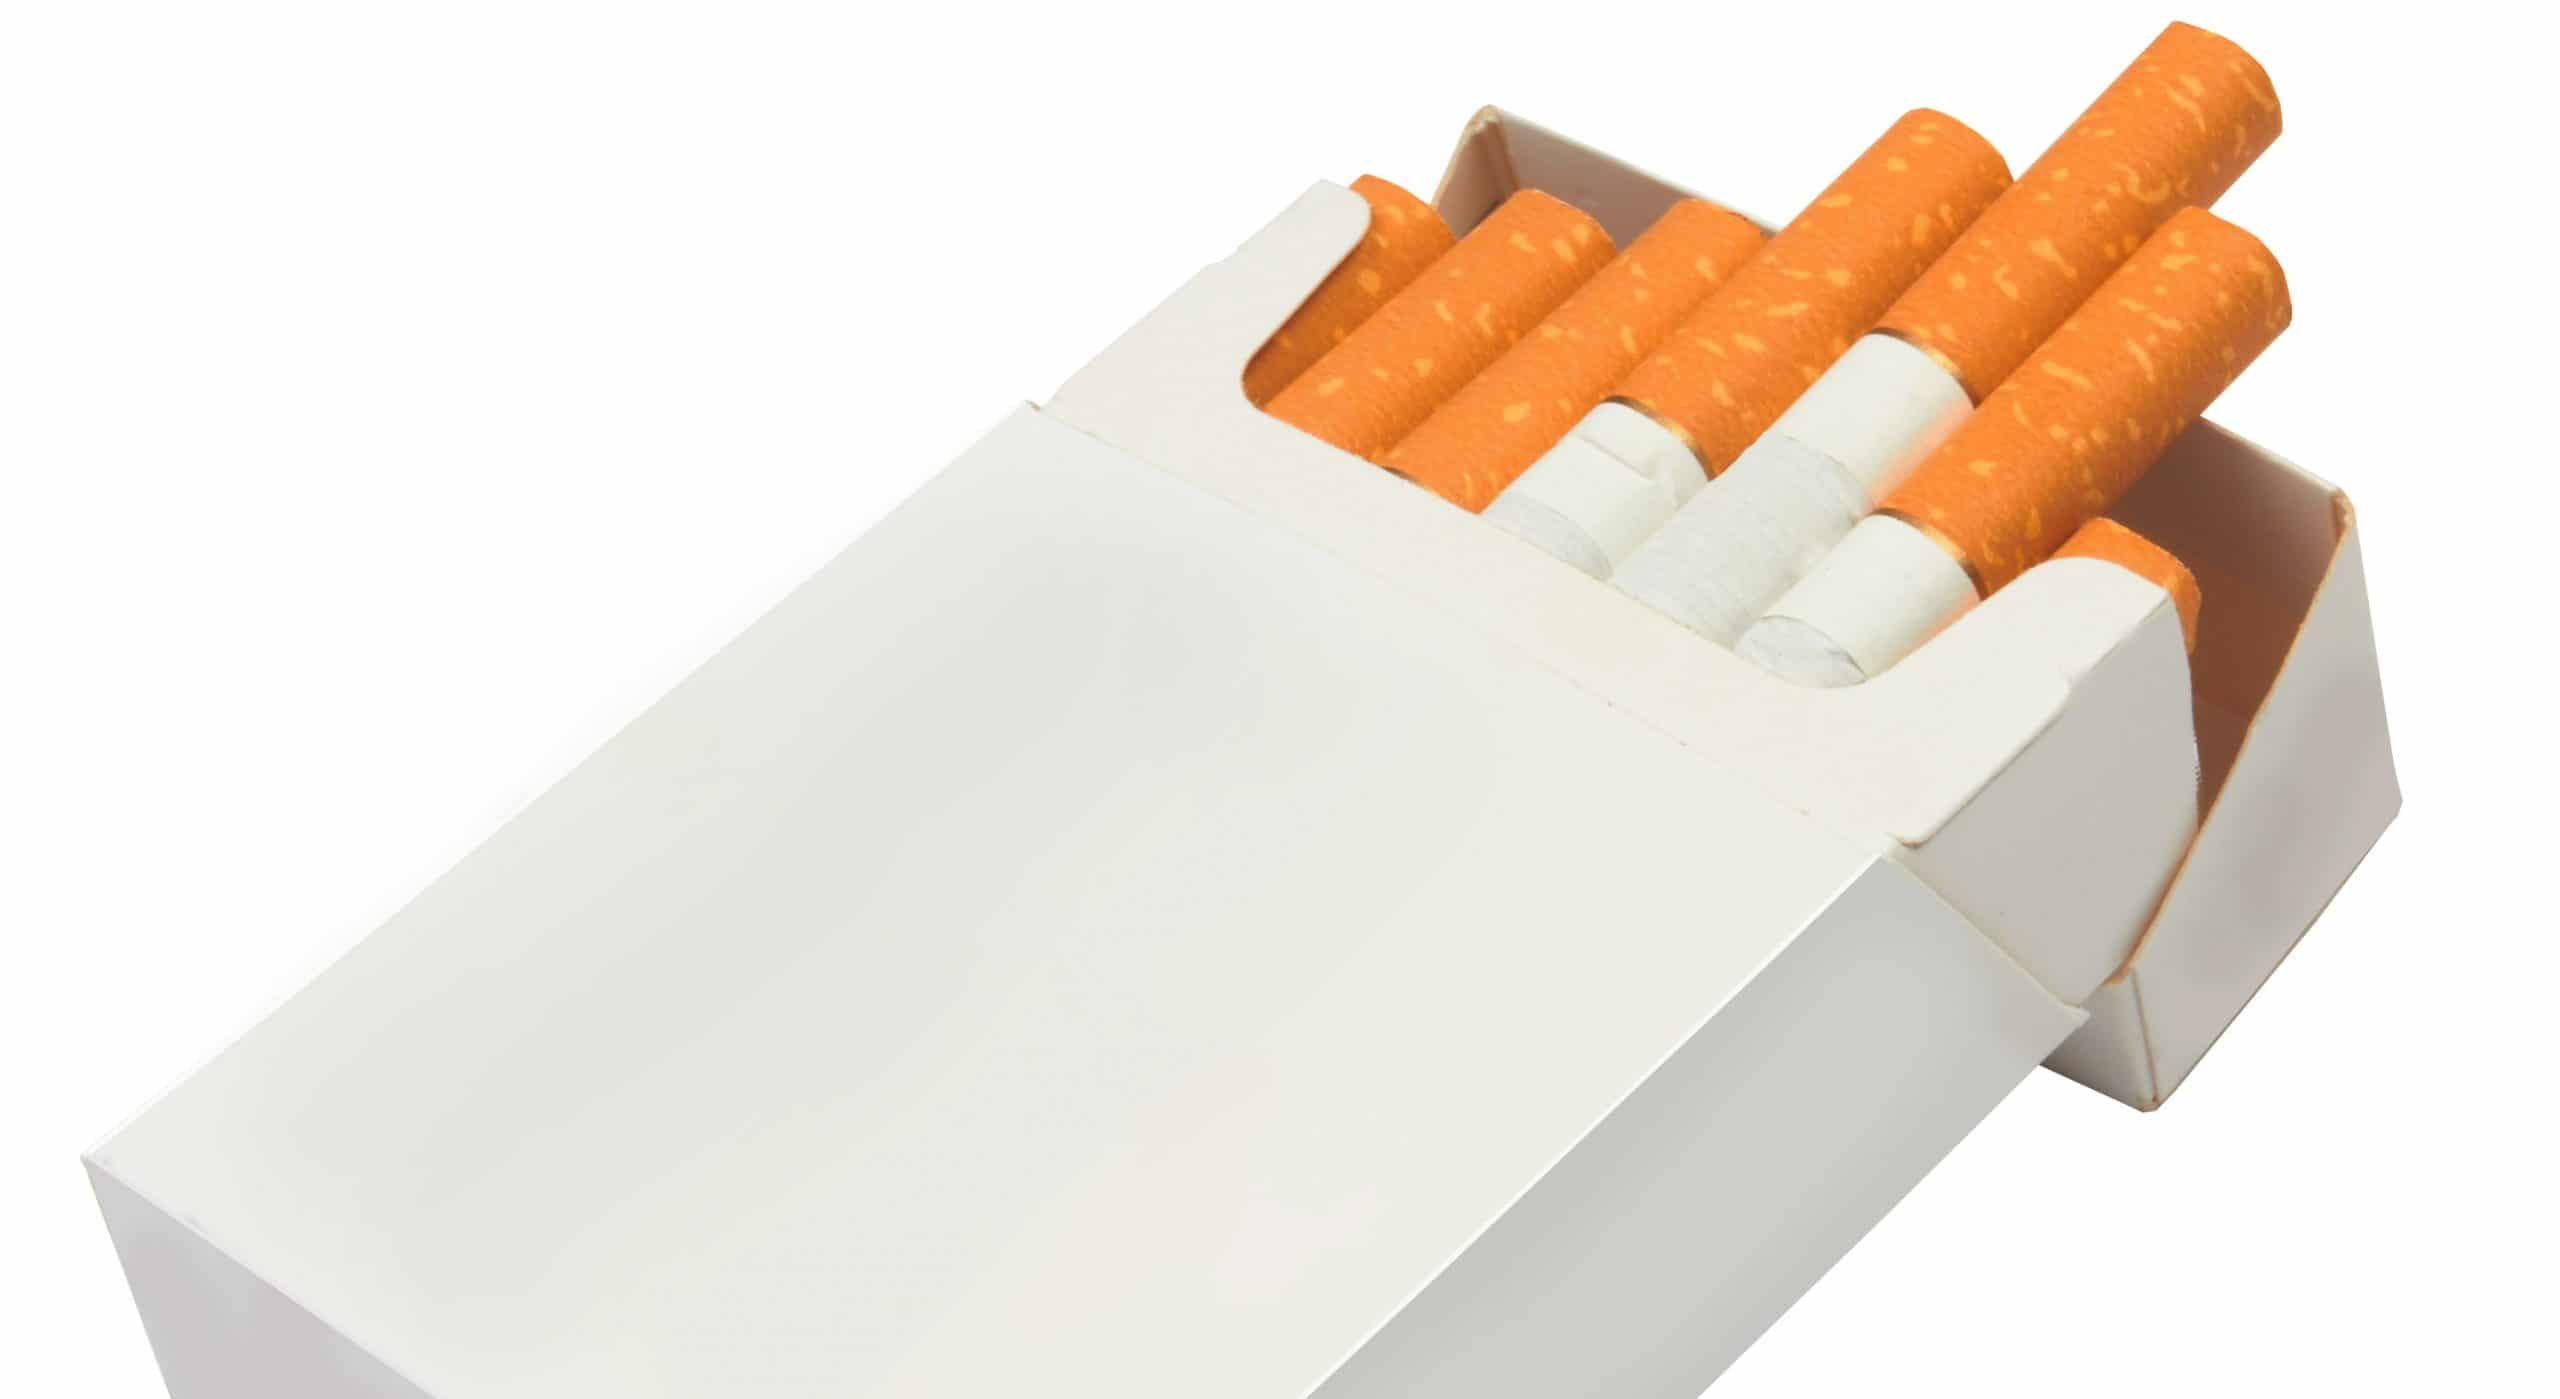 cigarrillo con filtro